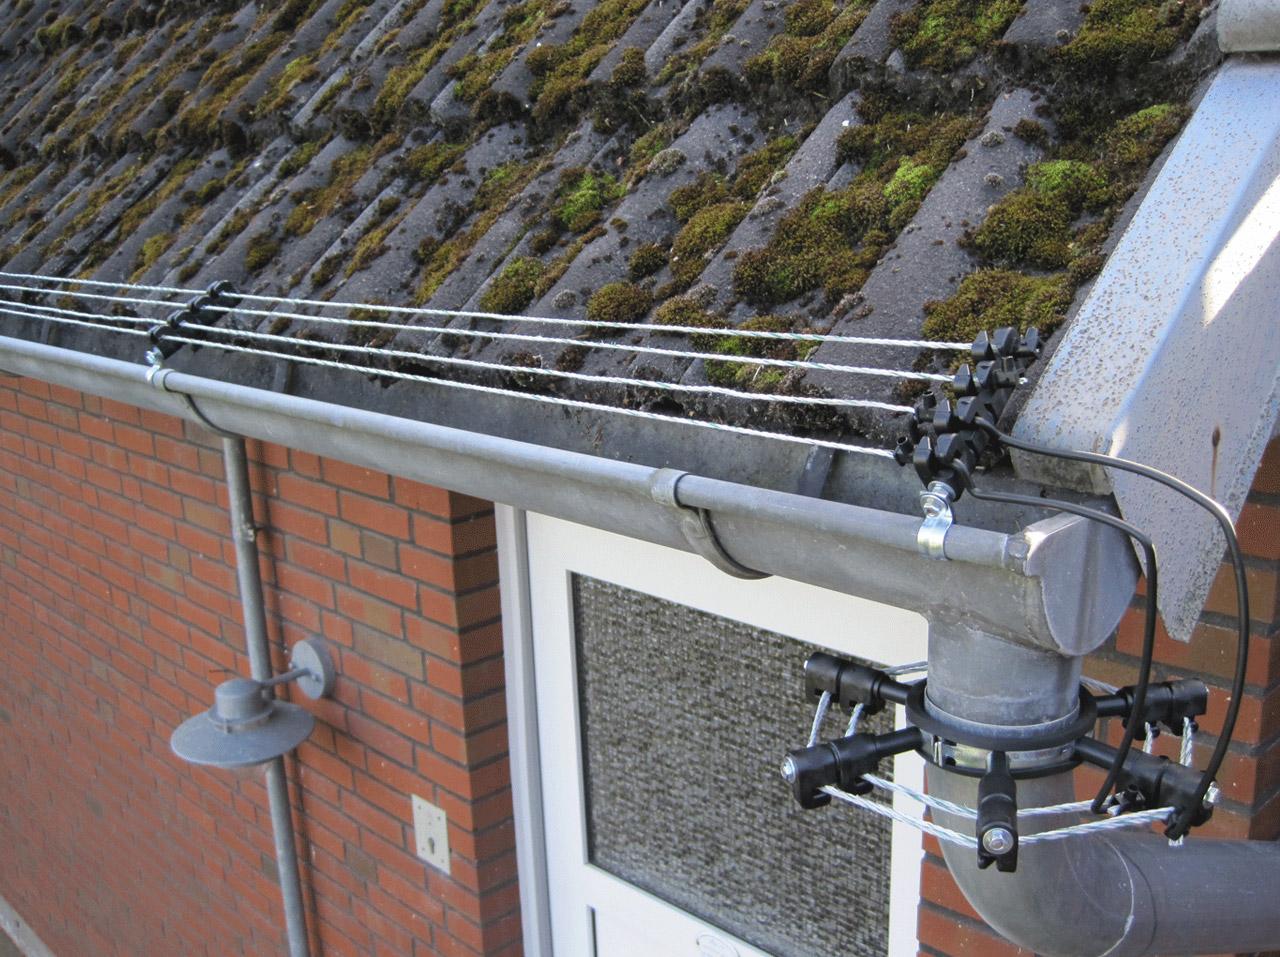 Isolator zur Abwehr von Mardern, wird an die Dachrinne geklemmt.